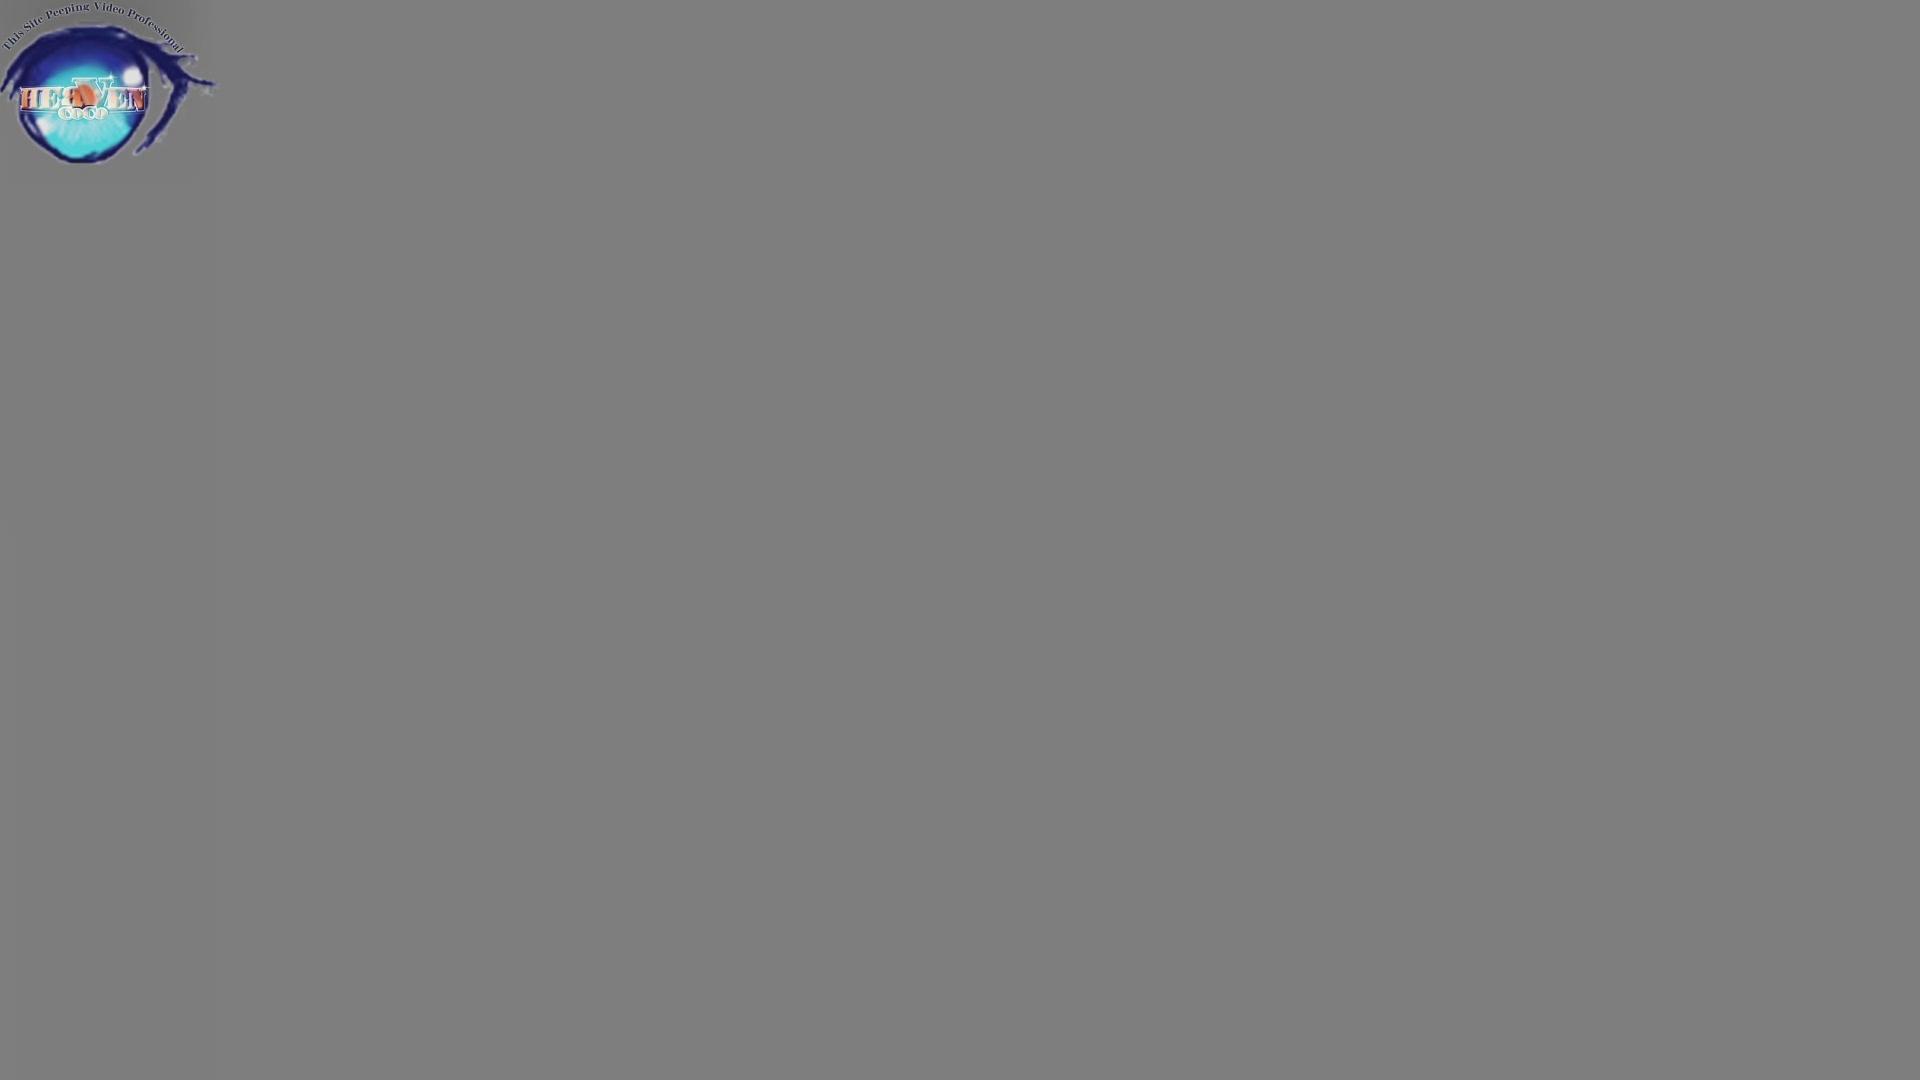 洗面所突入レポート!!お銀 vol.67 新たな場所への挑戦が始まる!!後編 洗面所編  100PIX 90